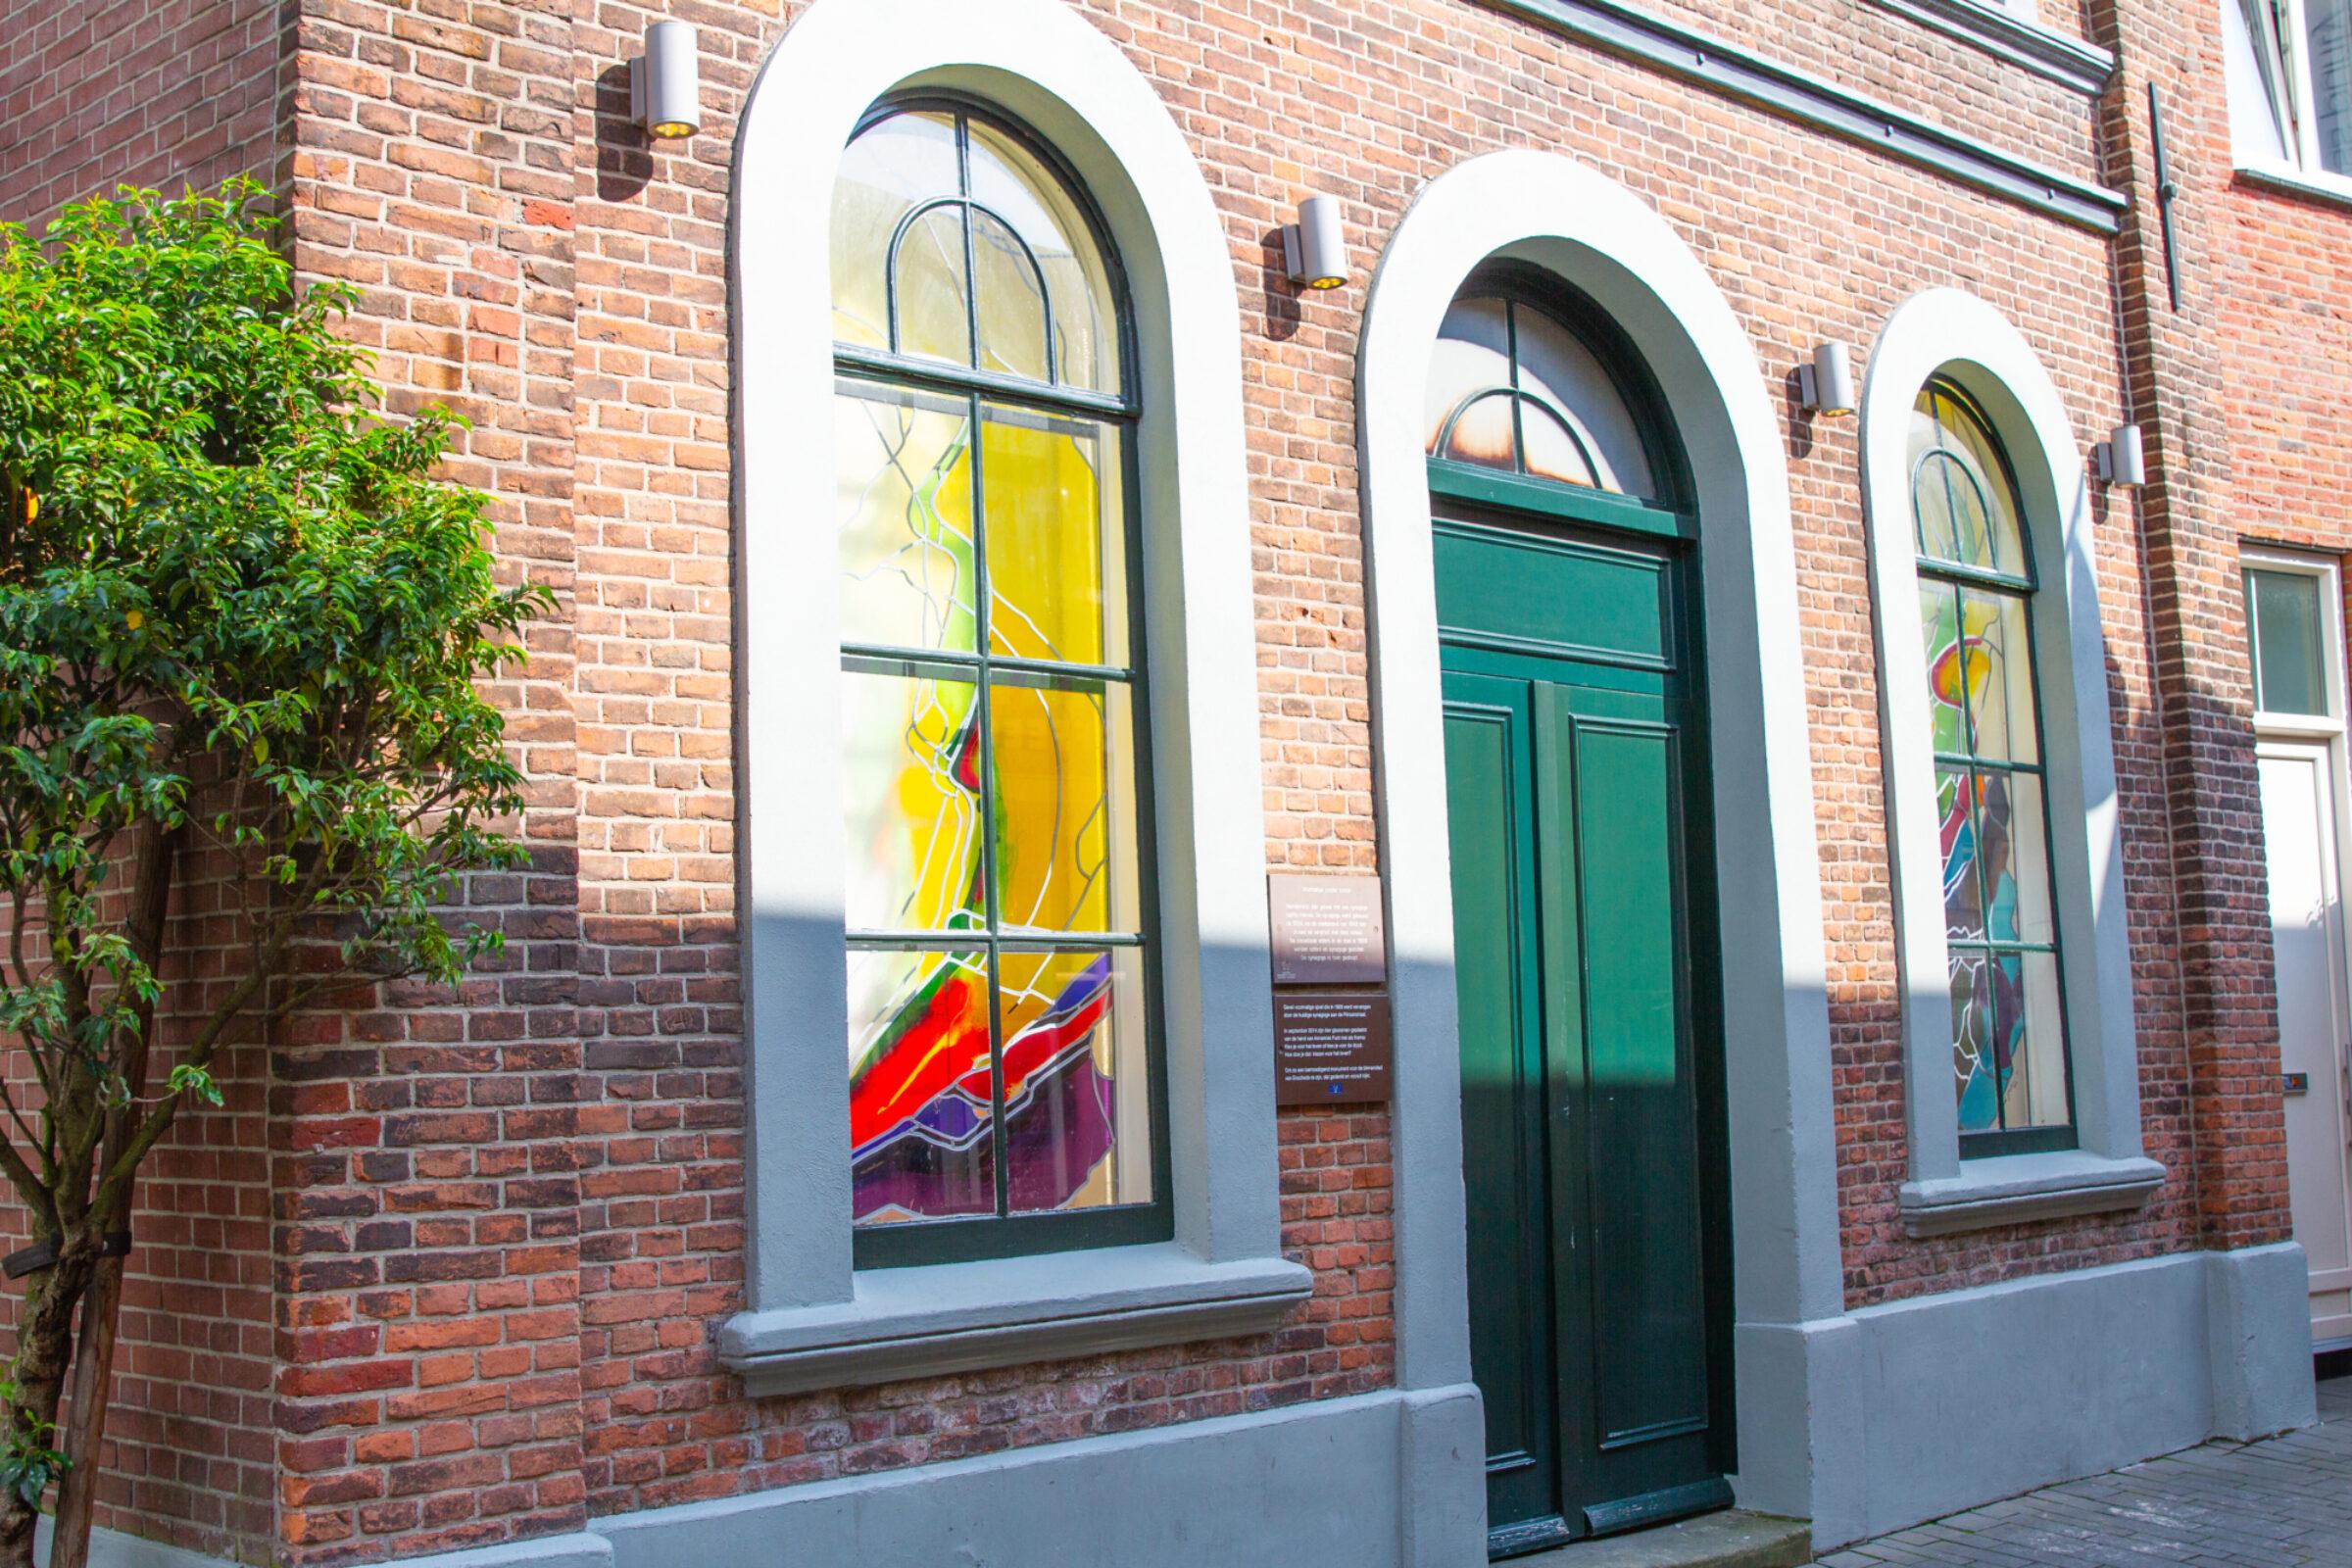 Jewish school in Enschede